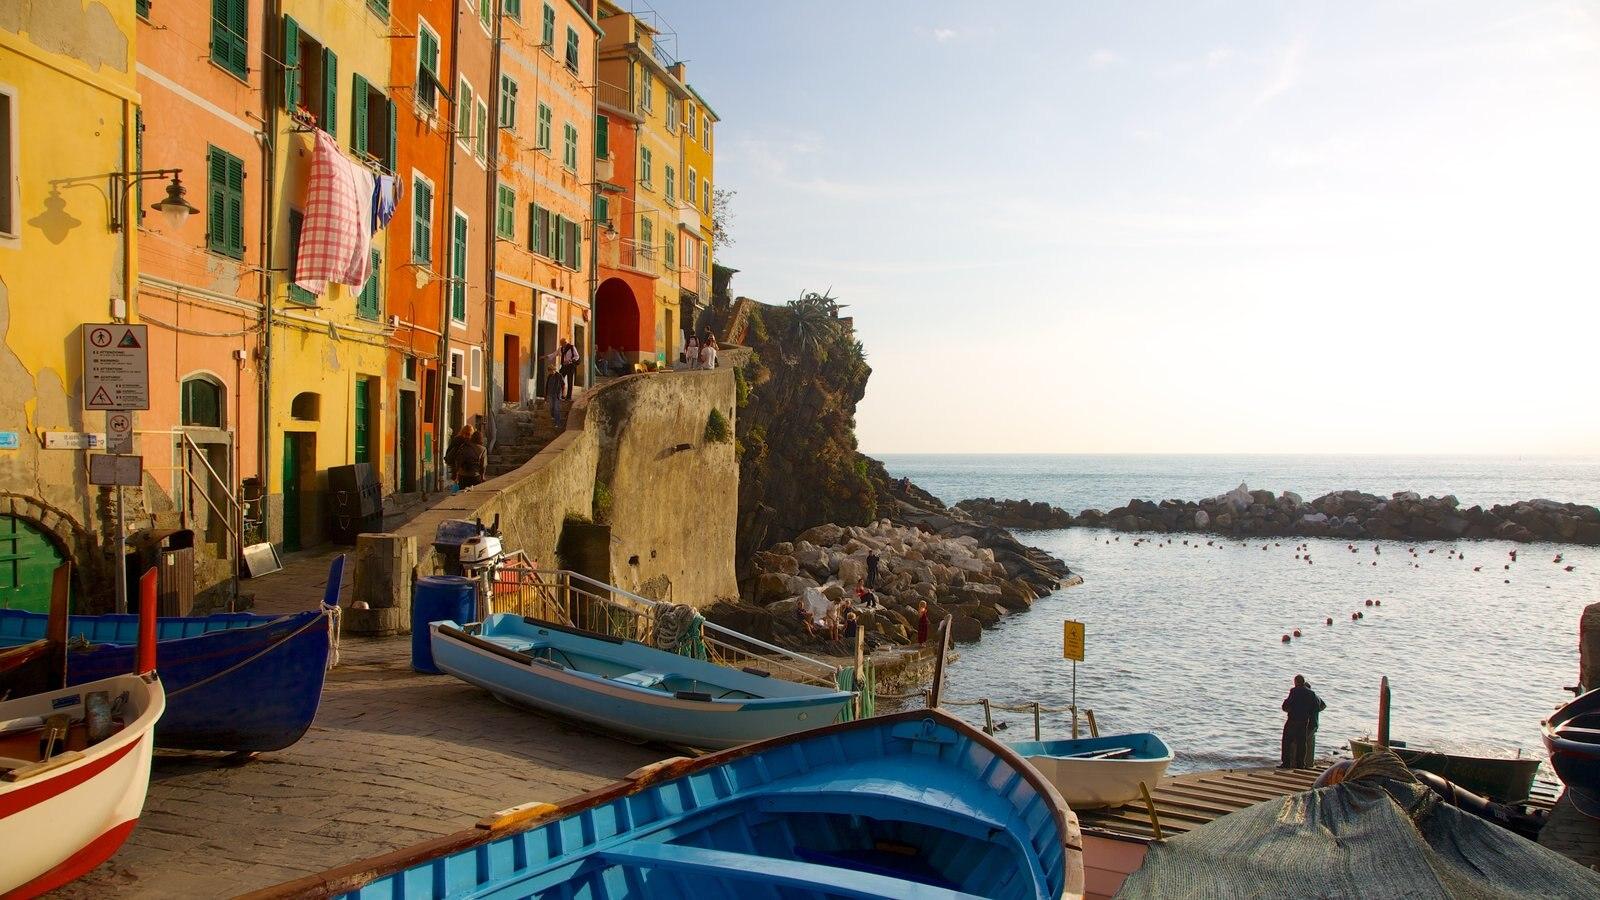 Riomaggiore que inclui uma cidade litorânea, um pôr do sol e canoagem